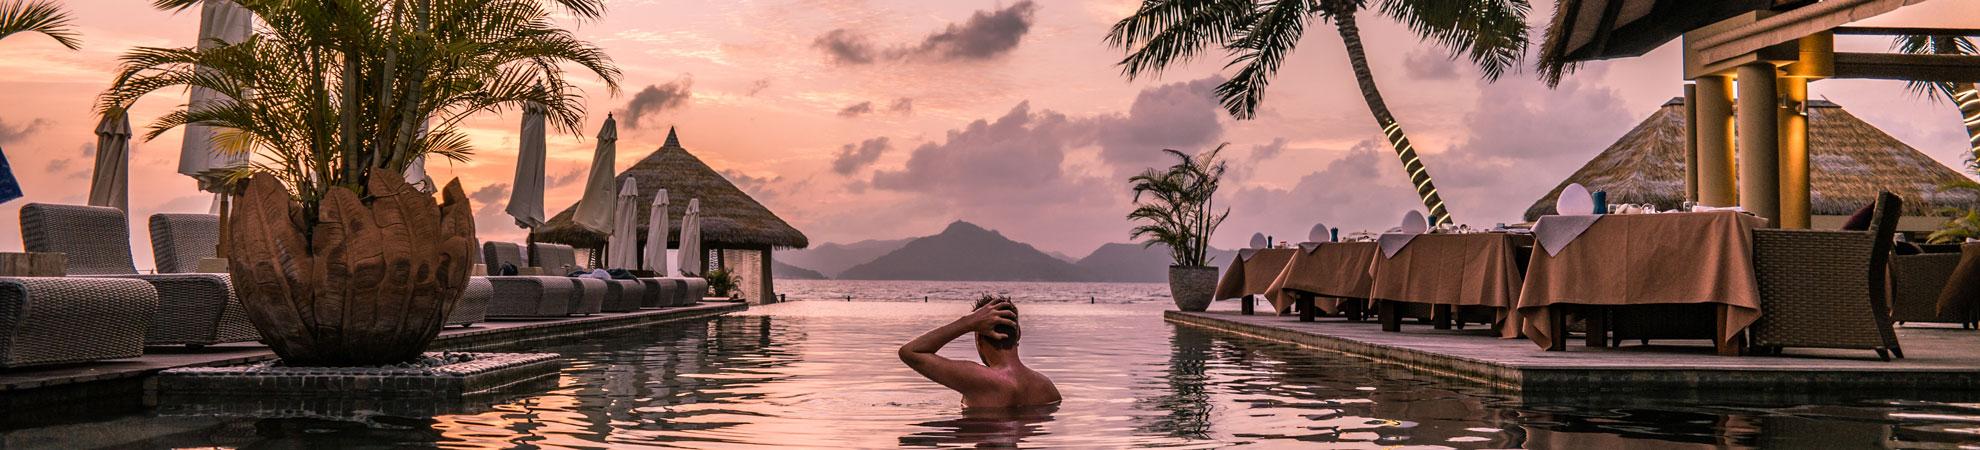 Voyage Seychelles tout inclus